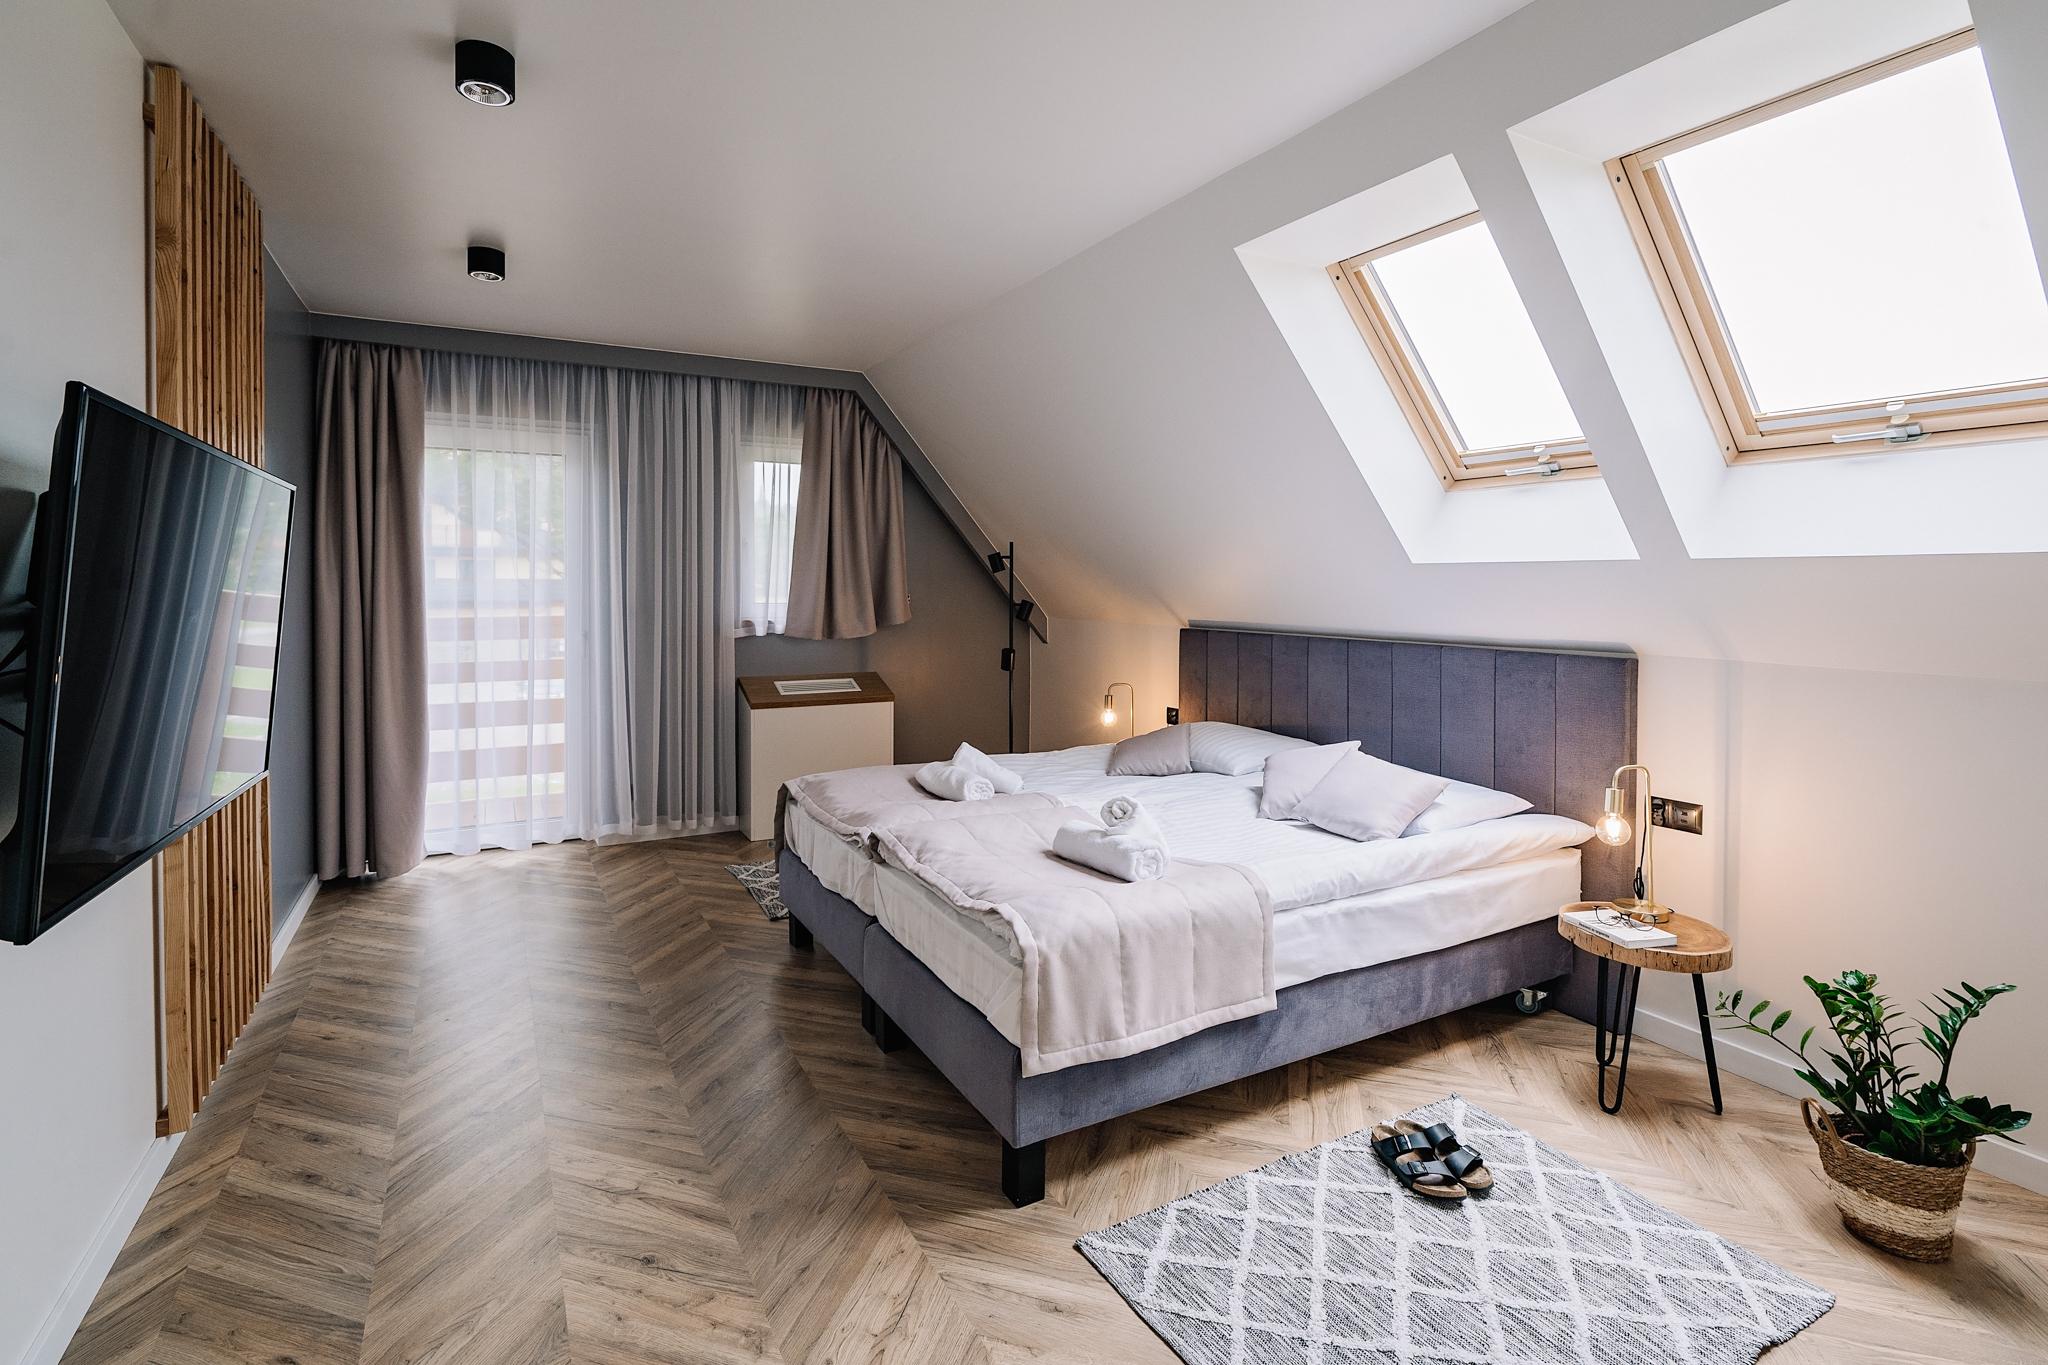 Apartamenty NOVA BIAŁKA Białka Tatrzańska sypialnia nr 2 apartament 3